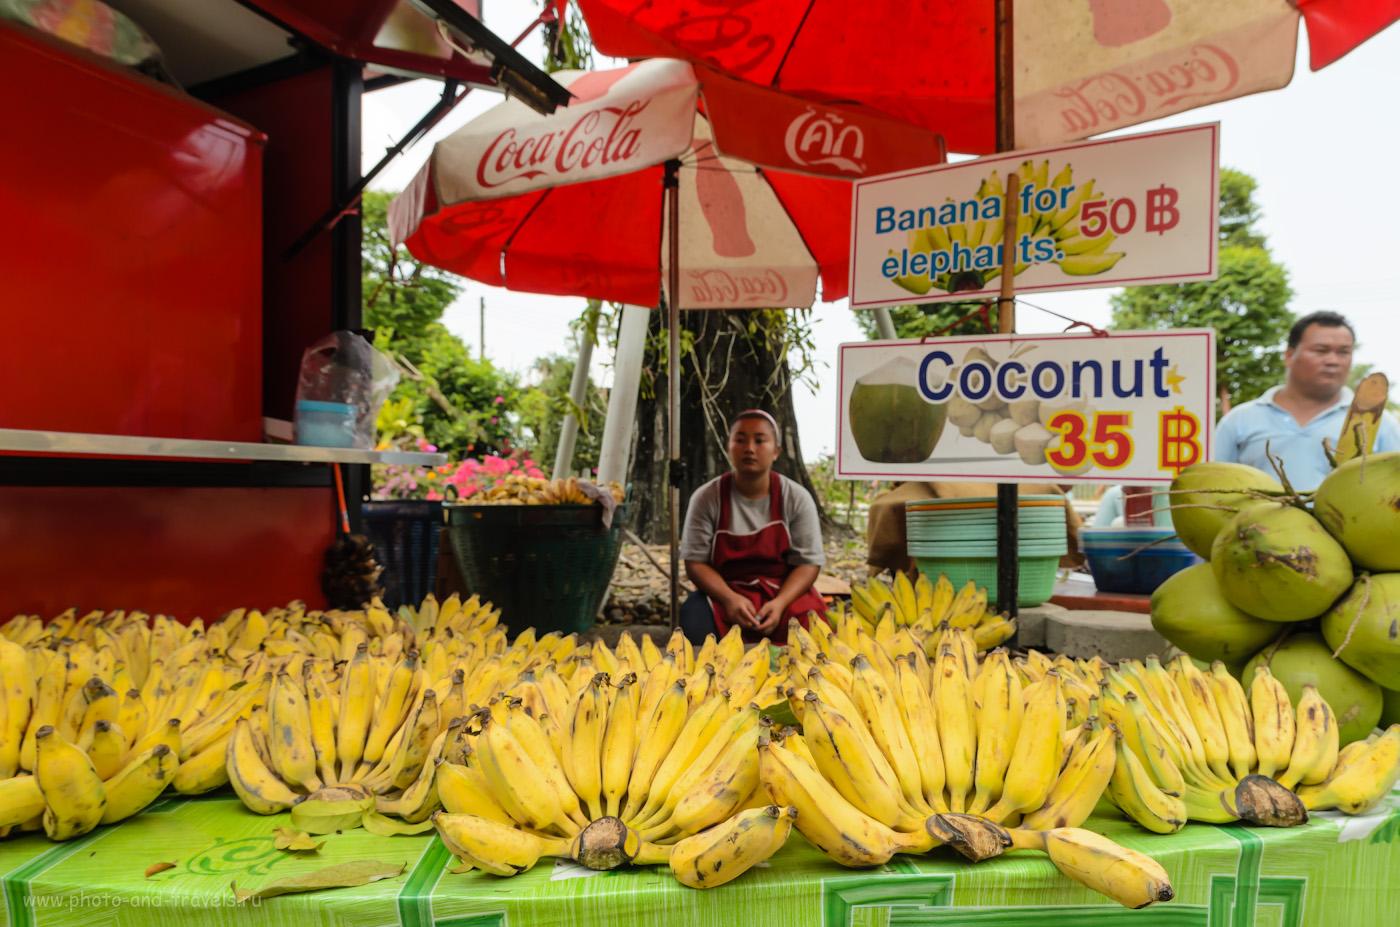 Фотография 15. Бананы для кормления слонов в парке Миллионолетних камней в Паттайе. Отзыв об отдыхе в Таиланде. 1/640, 5.6, 320, 14.